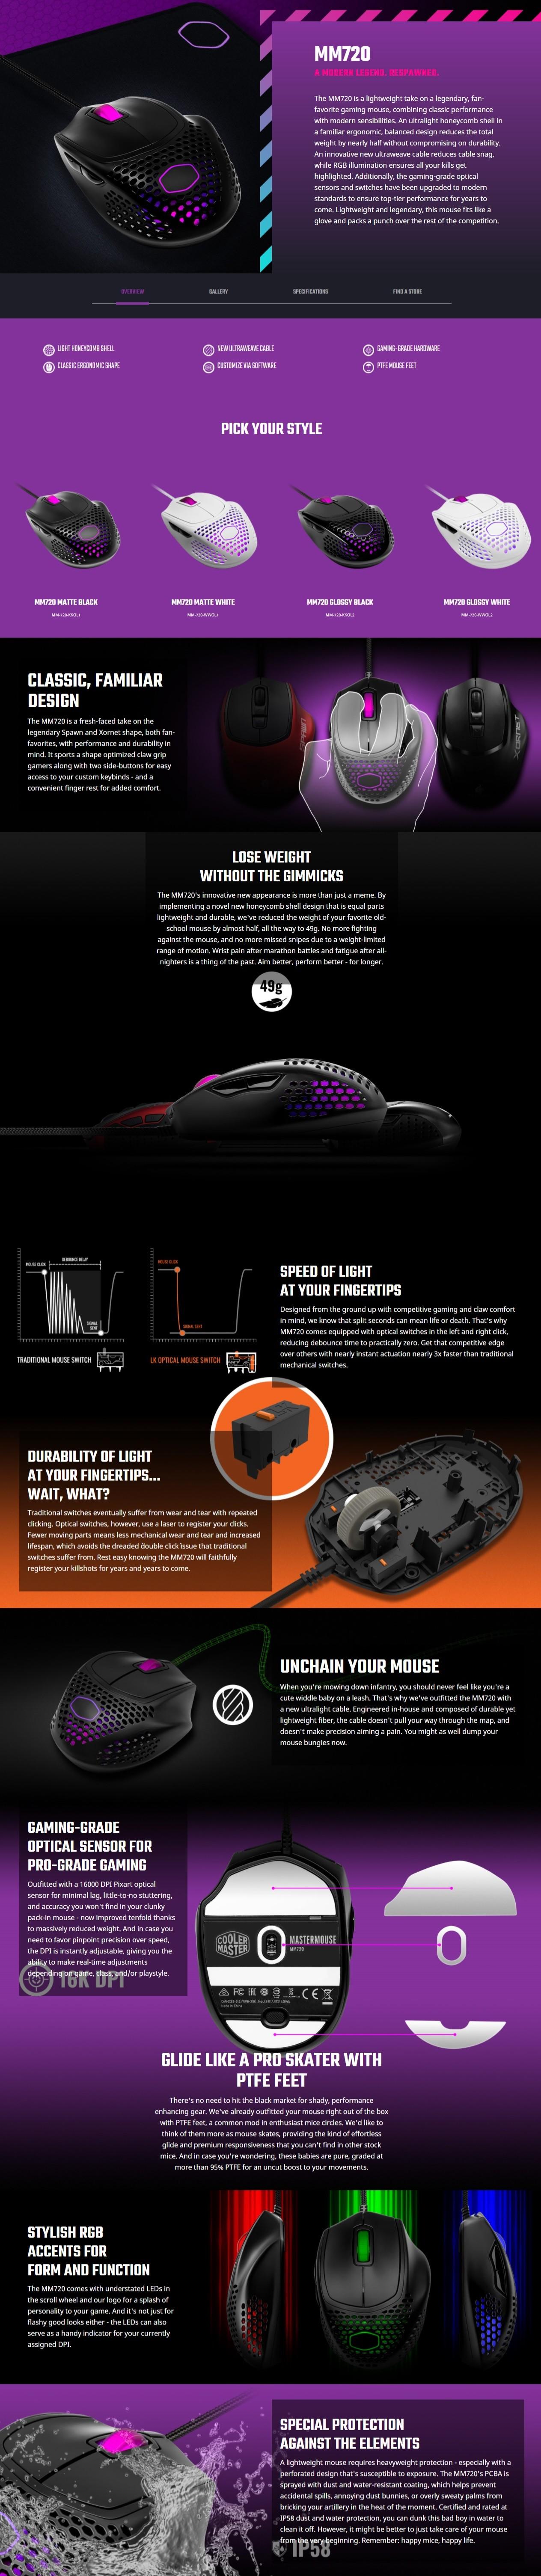 mm720-coolermaster-www.jpg